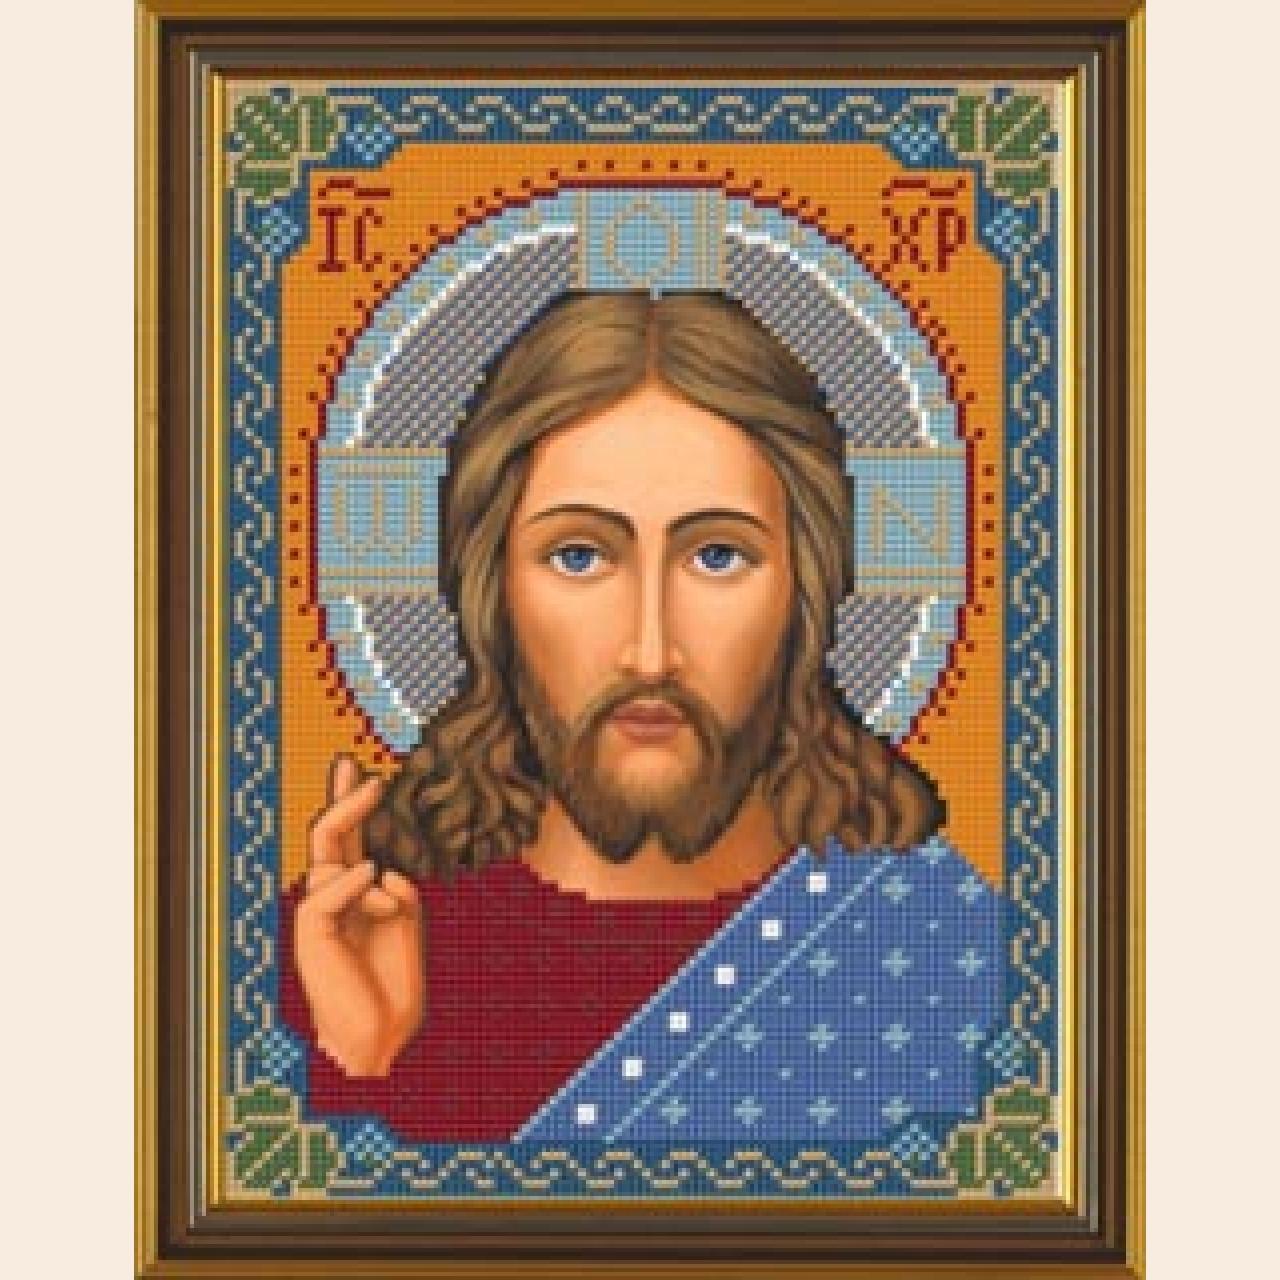 Вышивка бисером схема иконы на канве Христос Спаситель.